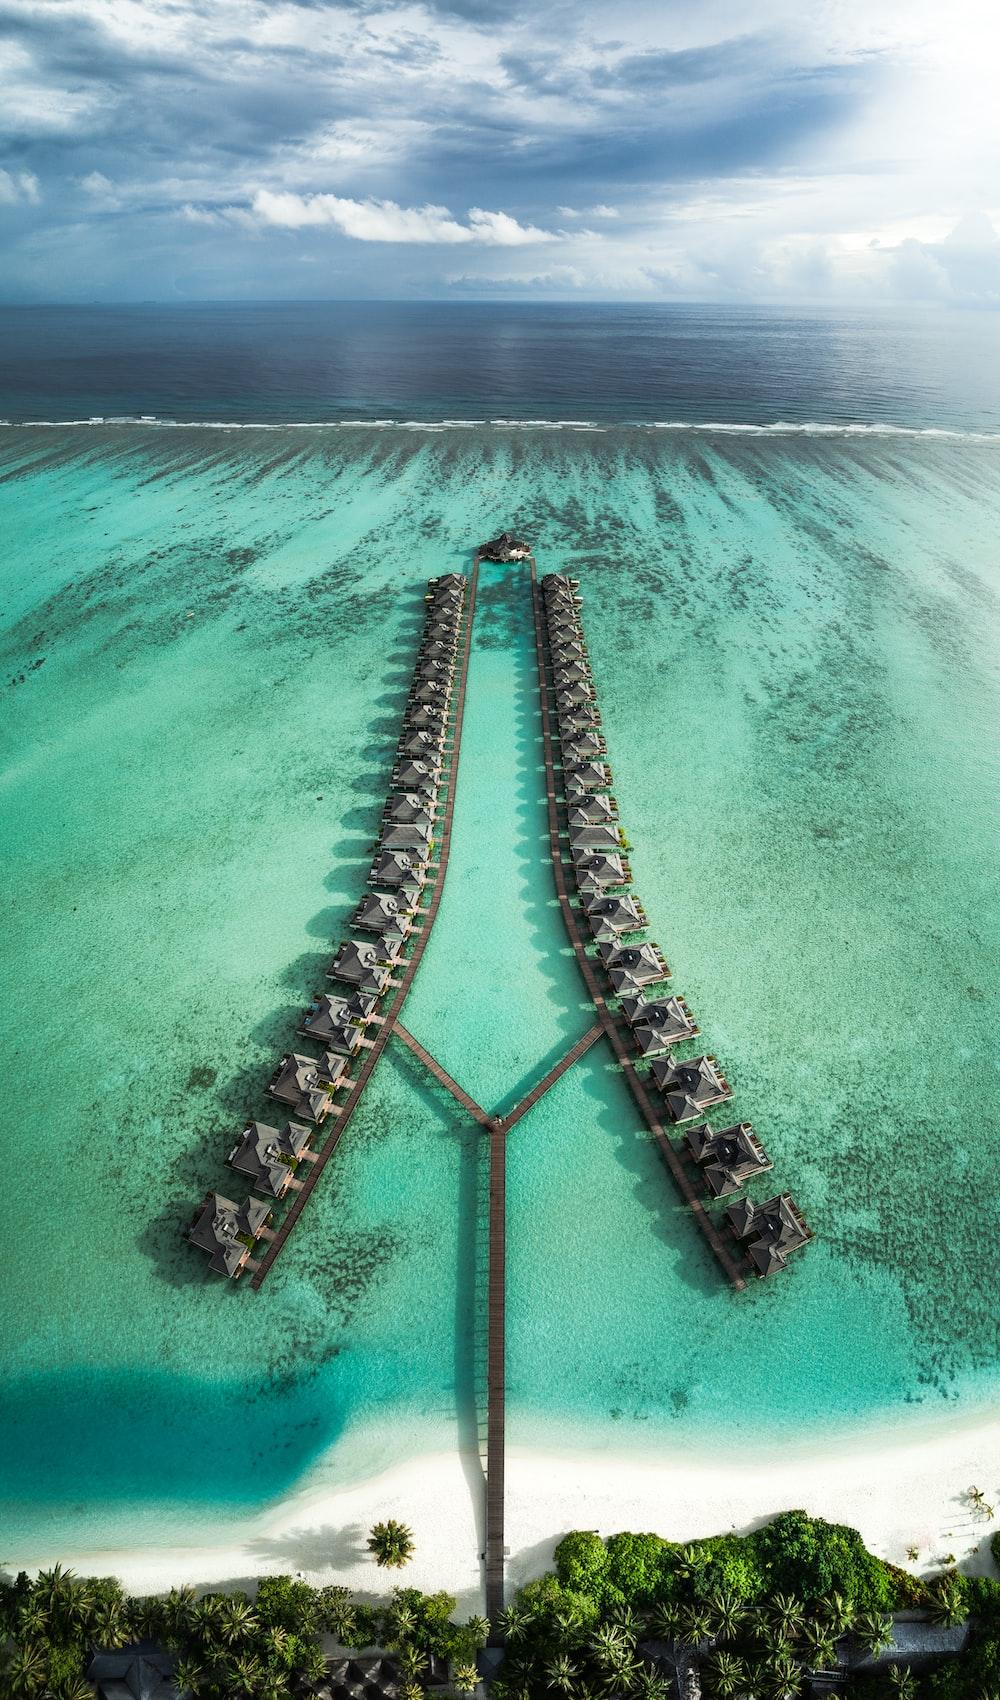 [Full HD] Ảnh nền biển cả siêu đẹp Photo-1540206395-25926266db56?ixlib=rb-1.2